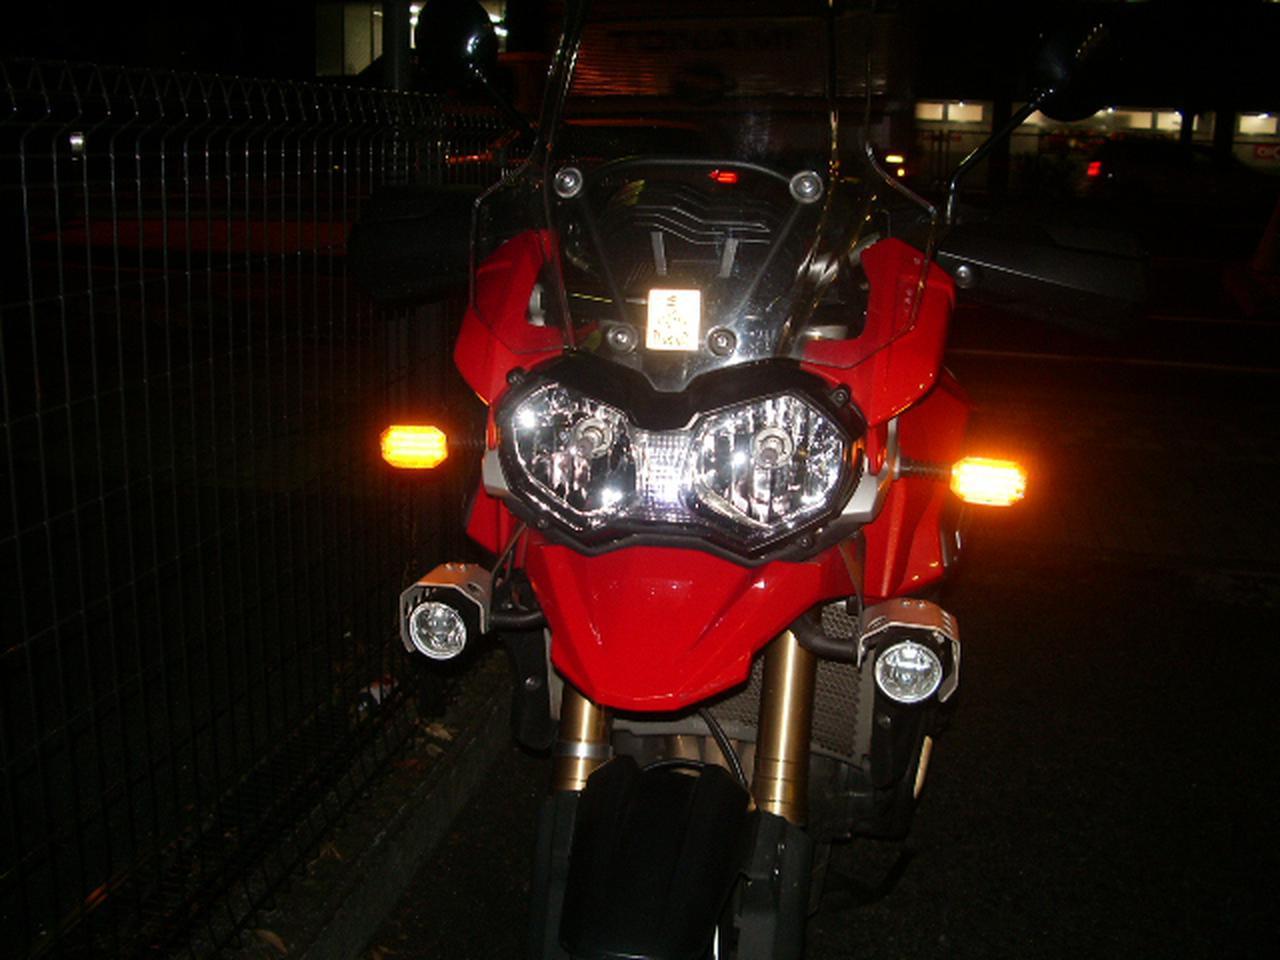 画像2: 「LEDだから明るくて安全」はウソ? 知らないと怖い、白色の光に潜む危険性【柏秀樹持論・第3回】